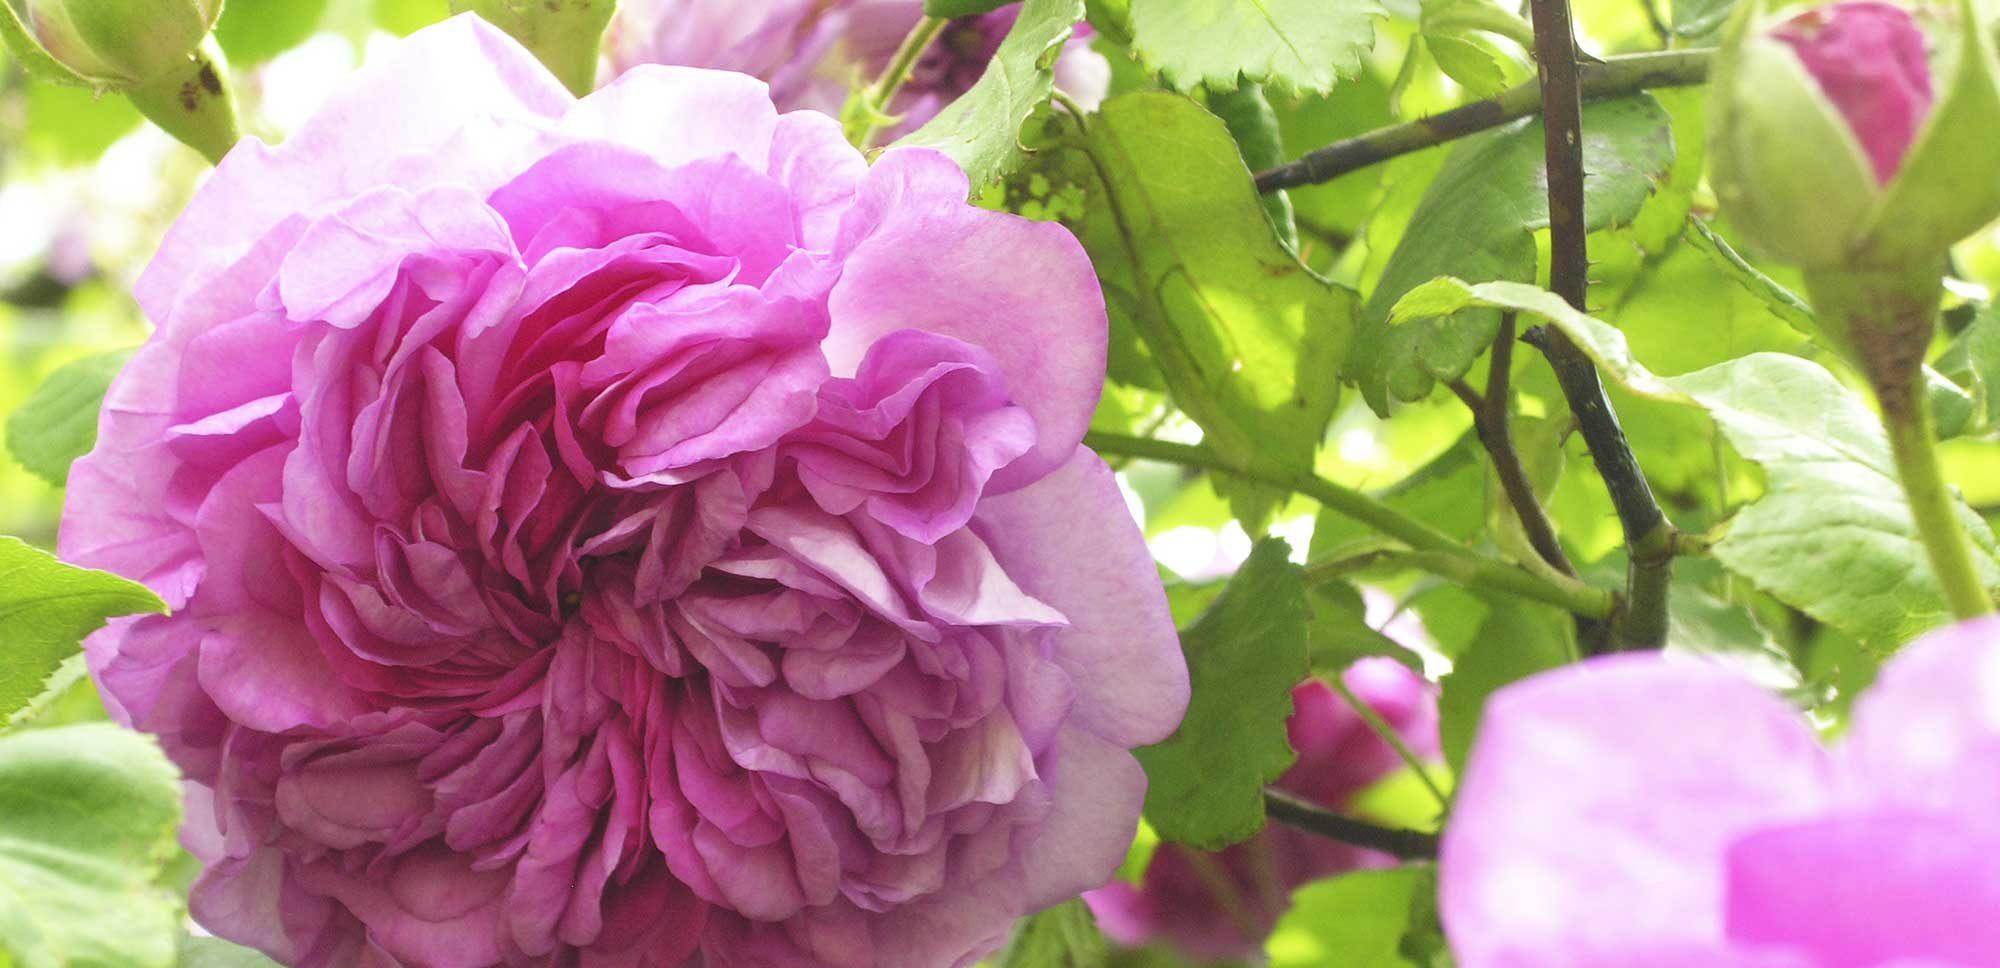 Eine wunderschöne englische Rose in in pinken Farbtönen